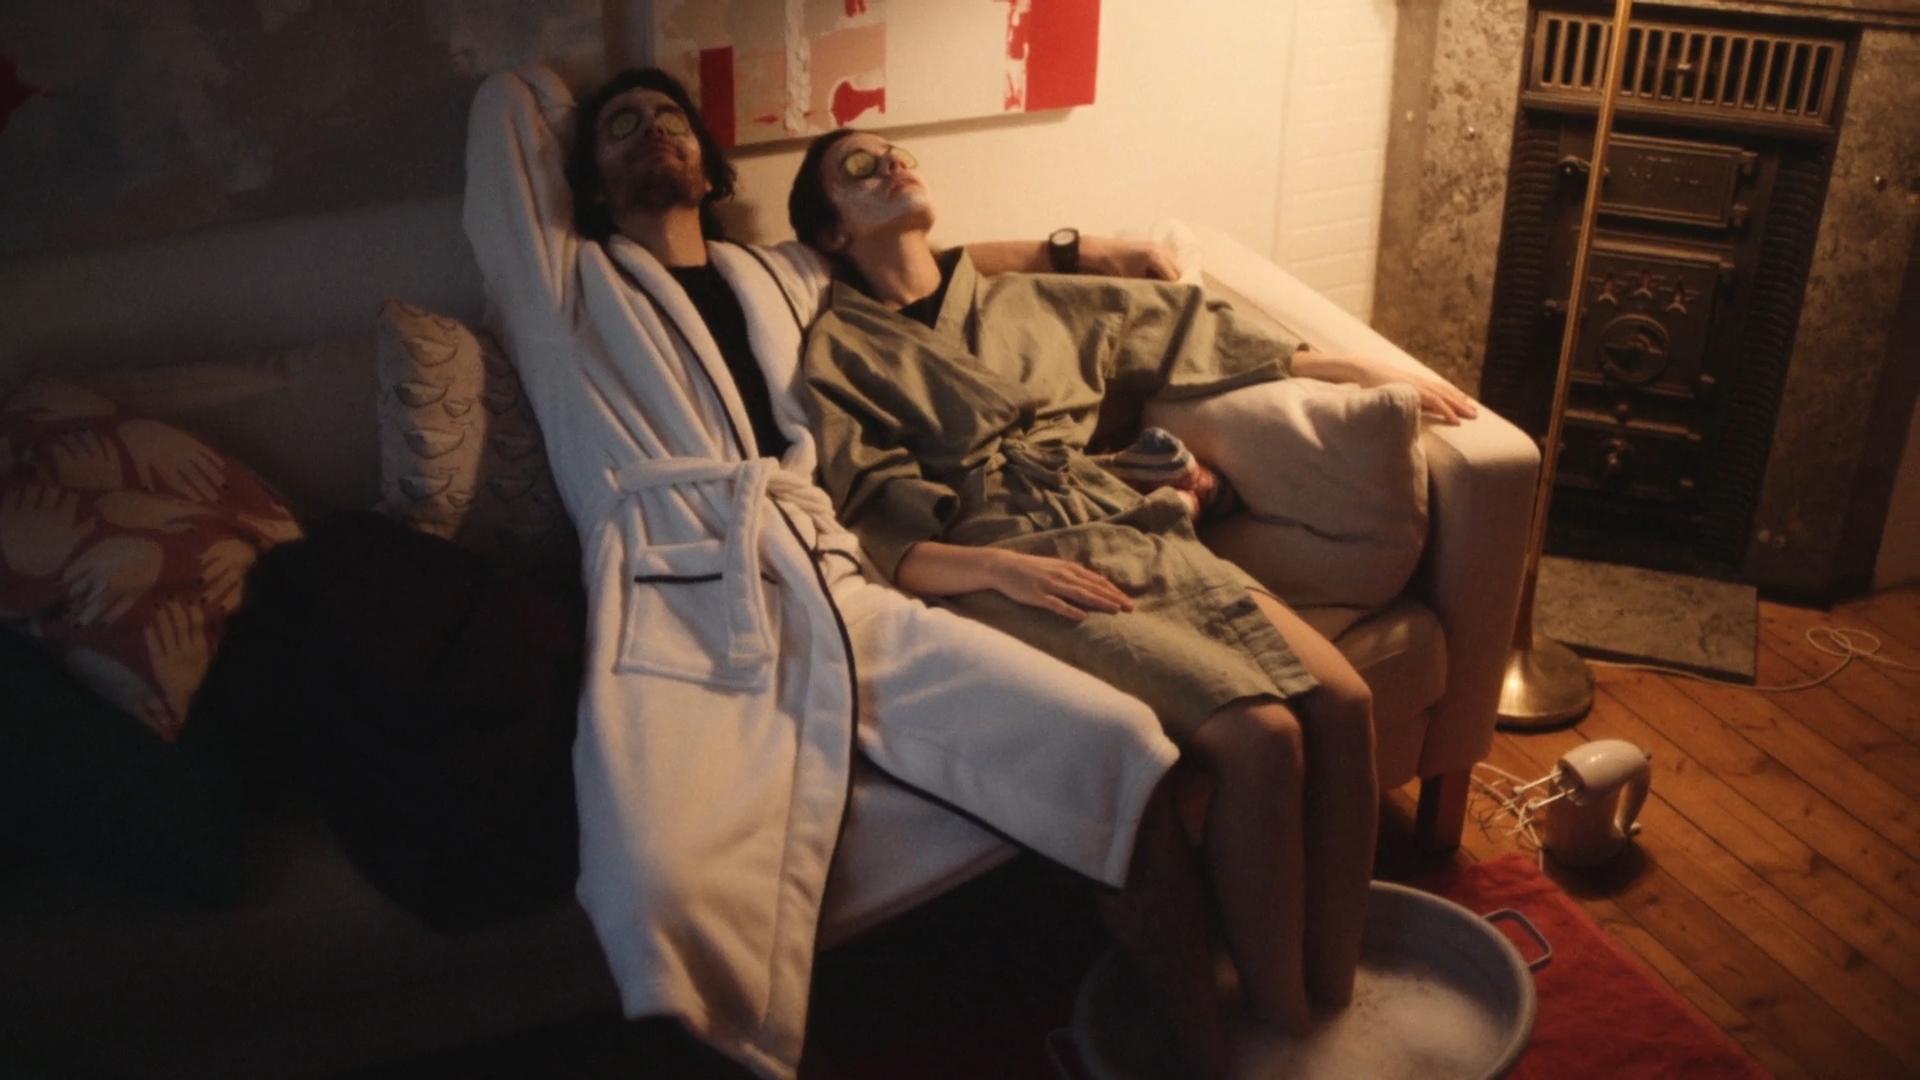 Ungt par iført badekåper ligger utstrakt på sofaen. Foto.